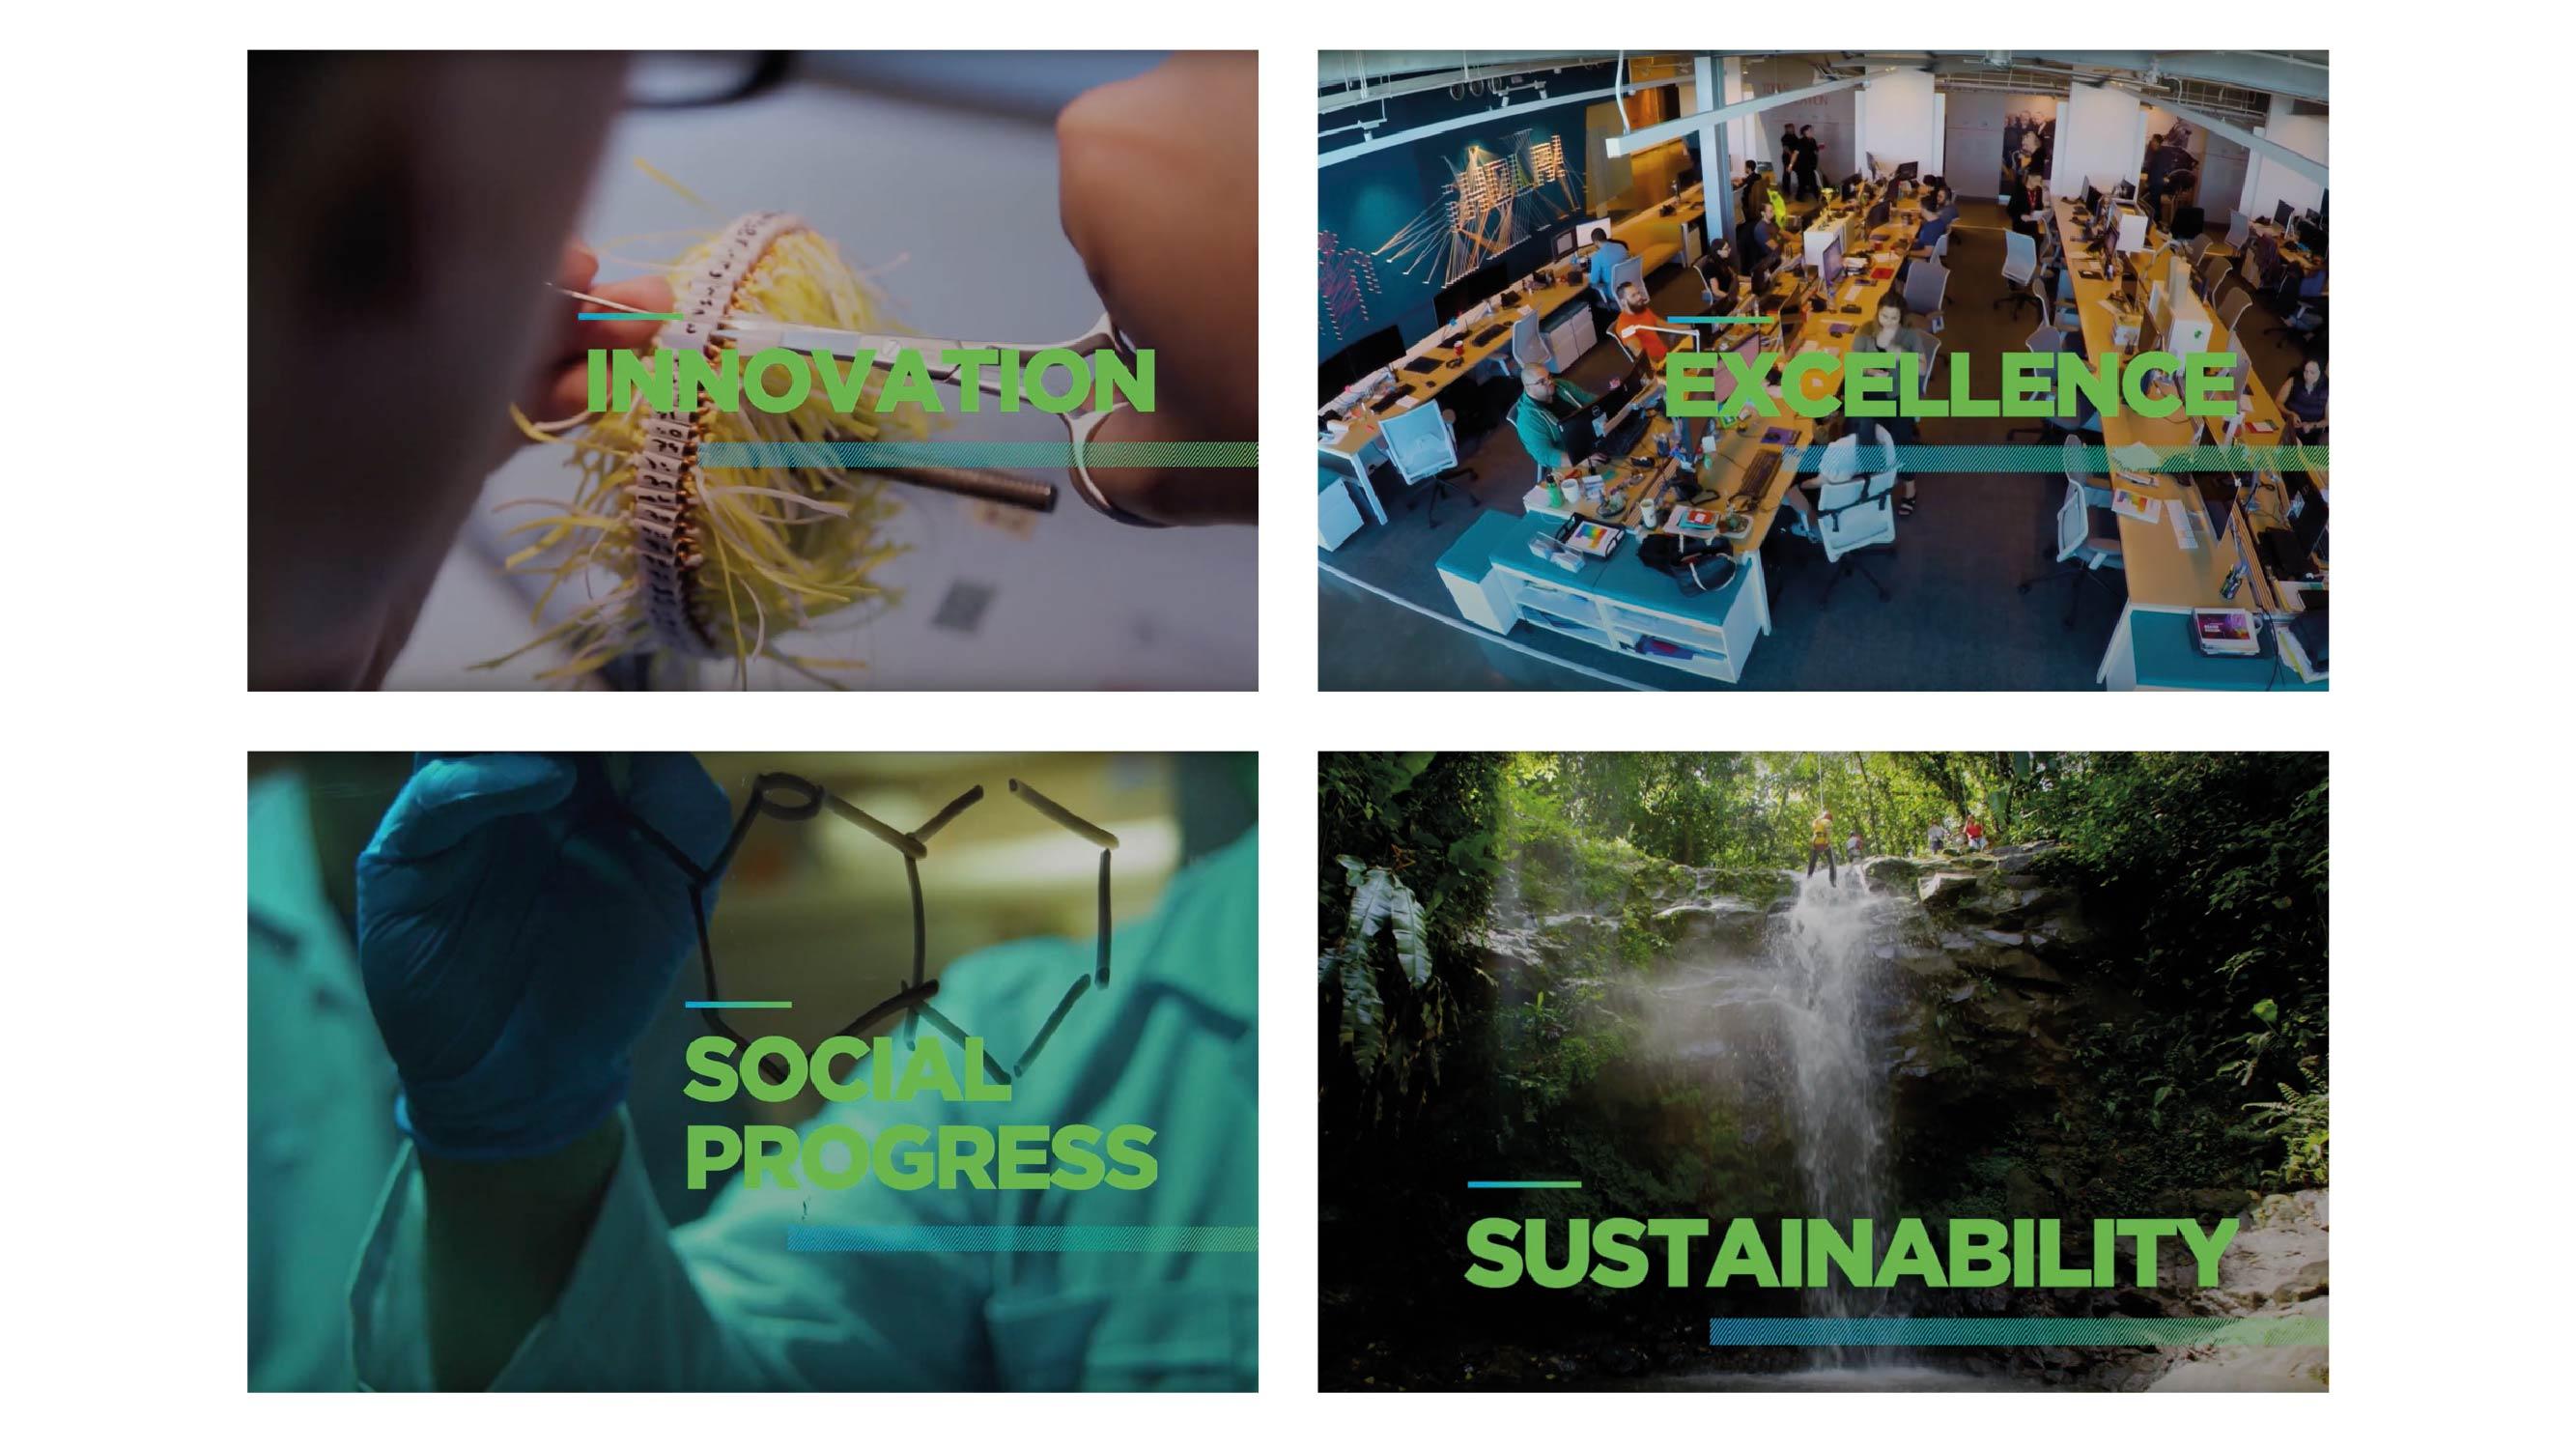 Costa Rica's brand values